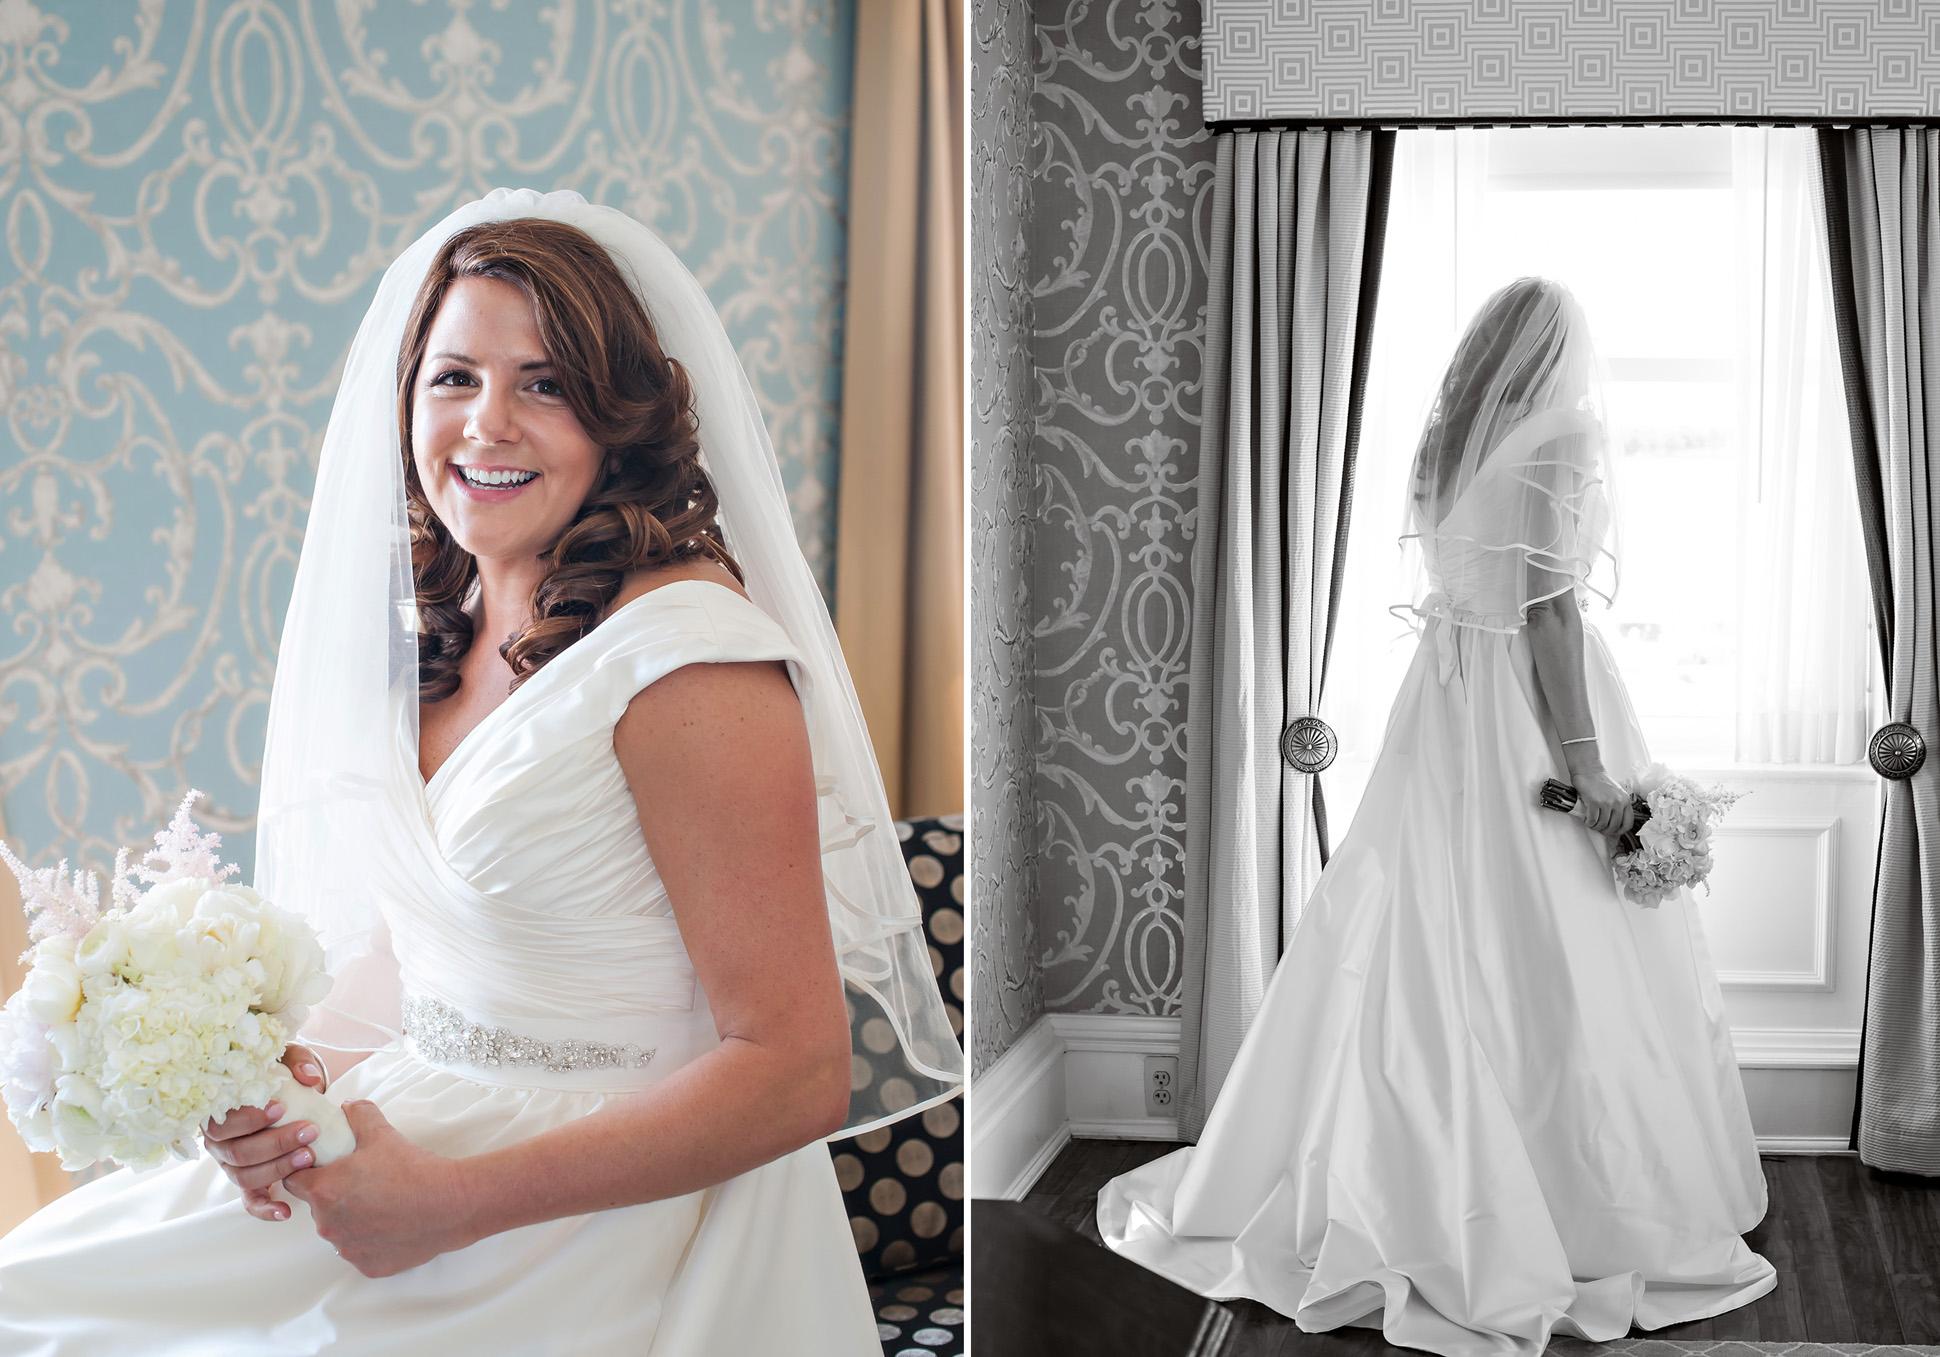 06-Sara Stadtmiller-SRS-Photography-Asbury-Park-Wedding-Photographer-Monmouth-County-Wedding-Photographer-NJ-Wedding-Photographer-Molly-Pitcher-Inn-Wedding